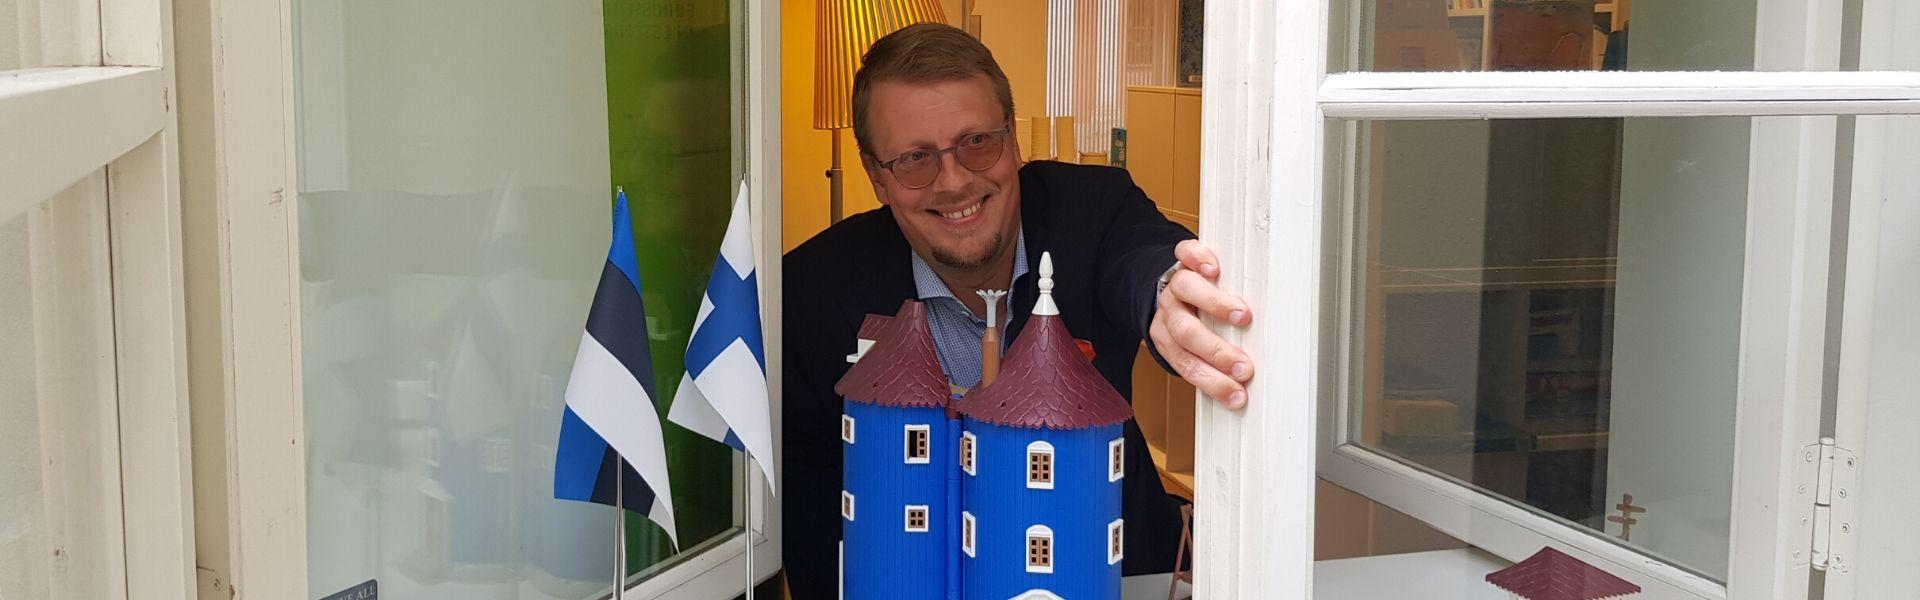 Mika Keränen: virheitä täytyy uskaltaa tehdä